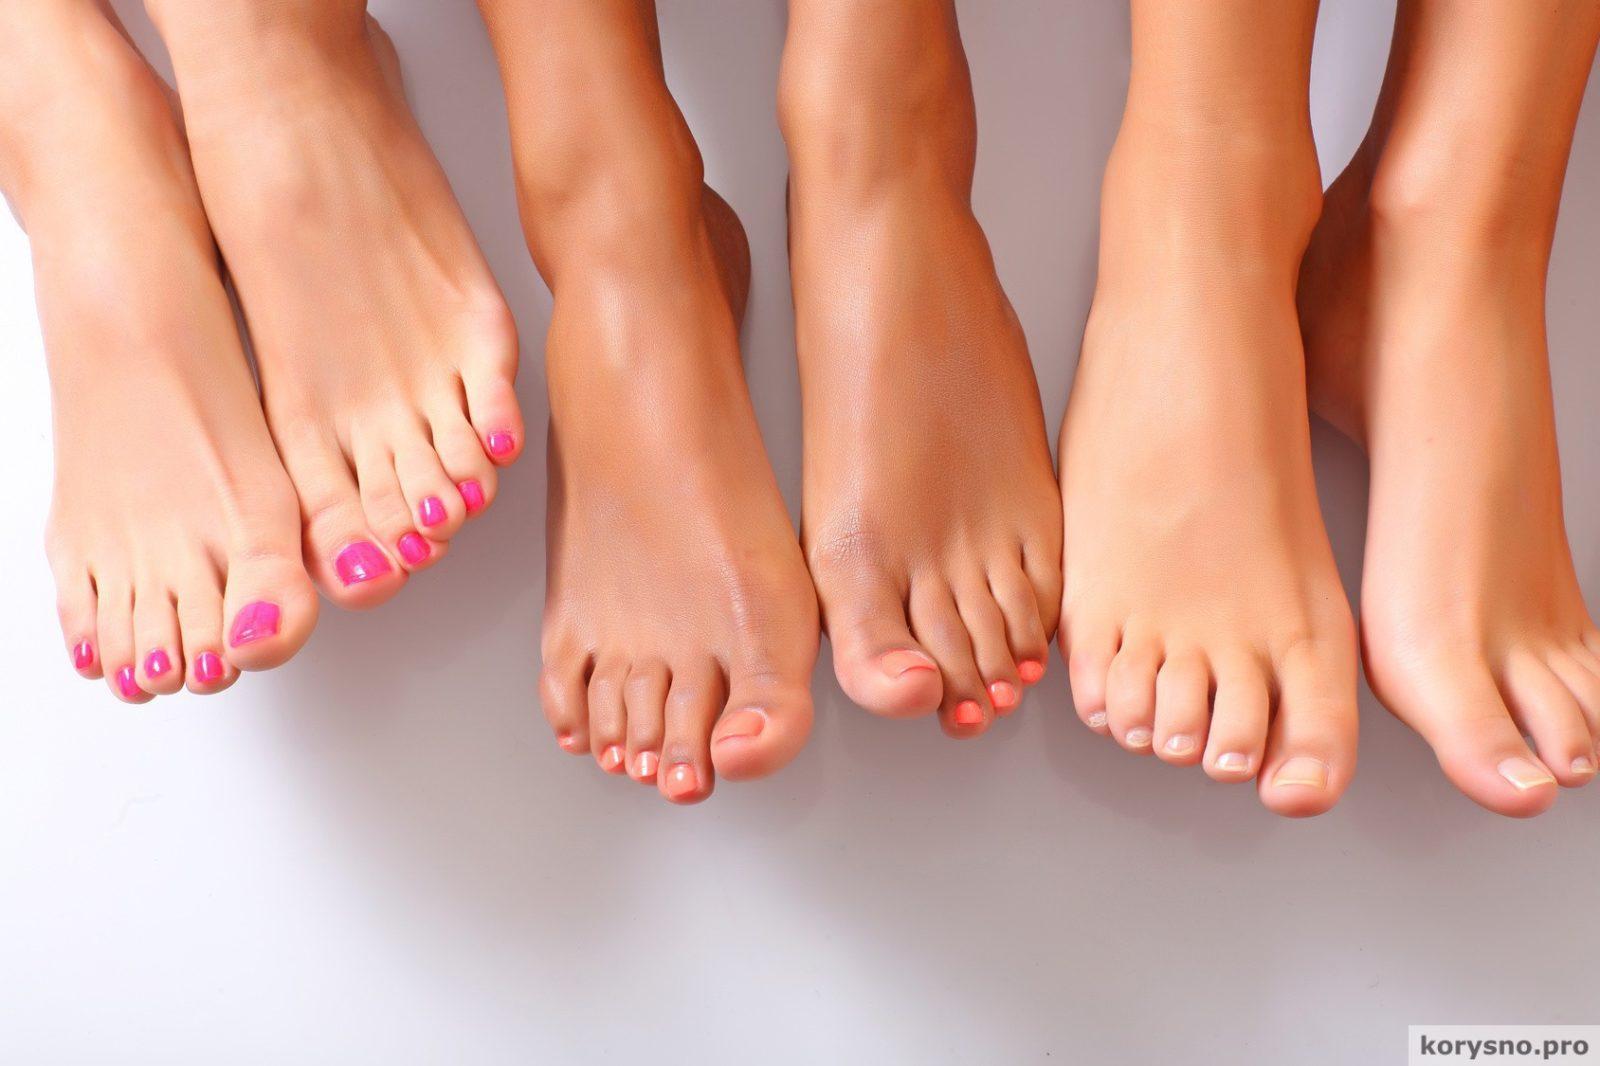 Посмотрите на свои ноги... Какие они? И что это рассказывает о вас?